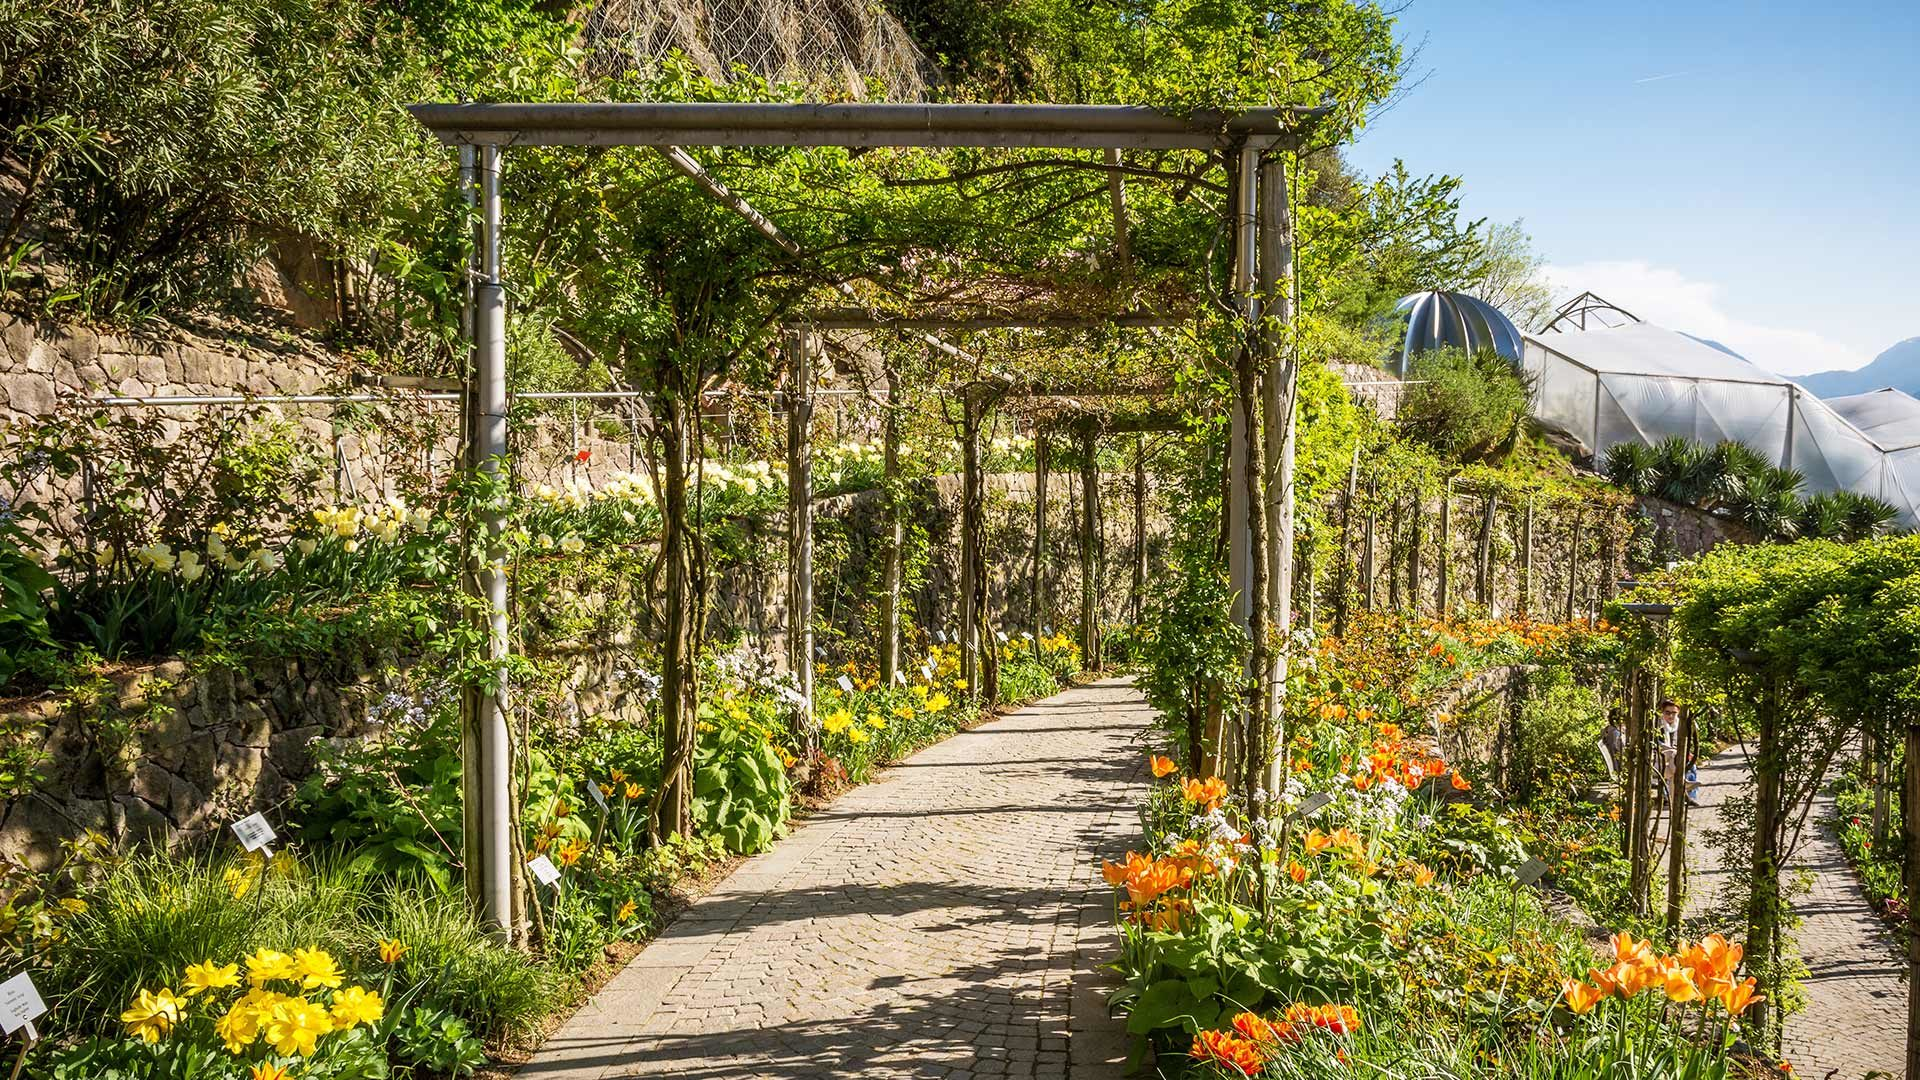 Blumen - Gärten von Schloss Trauttmansdorff